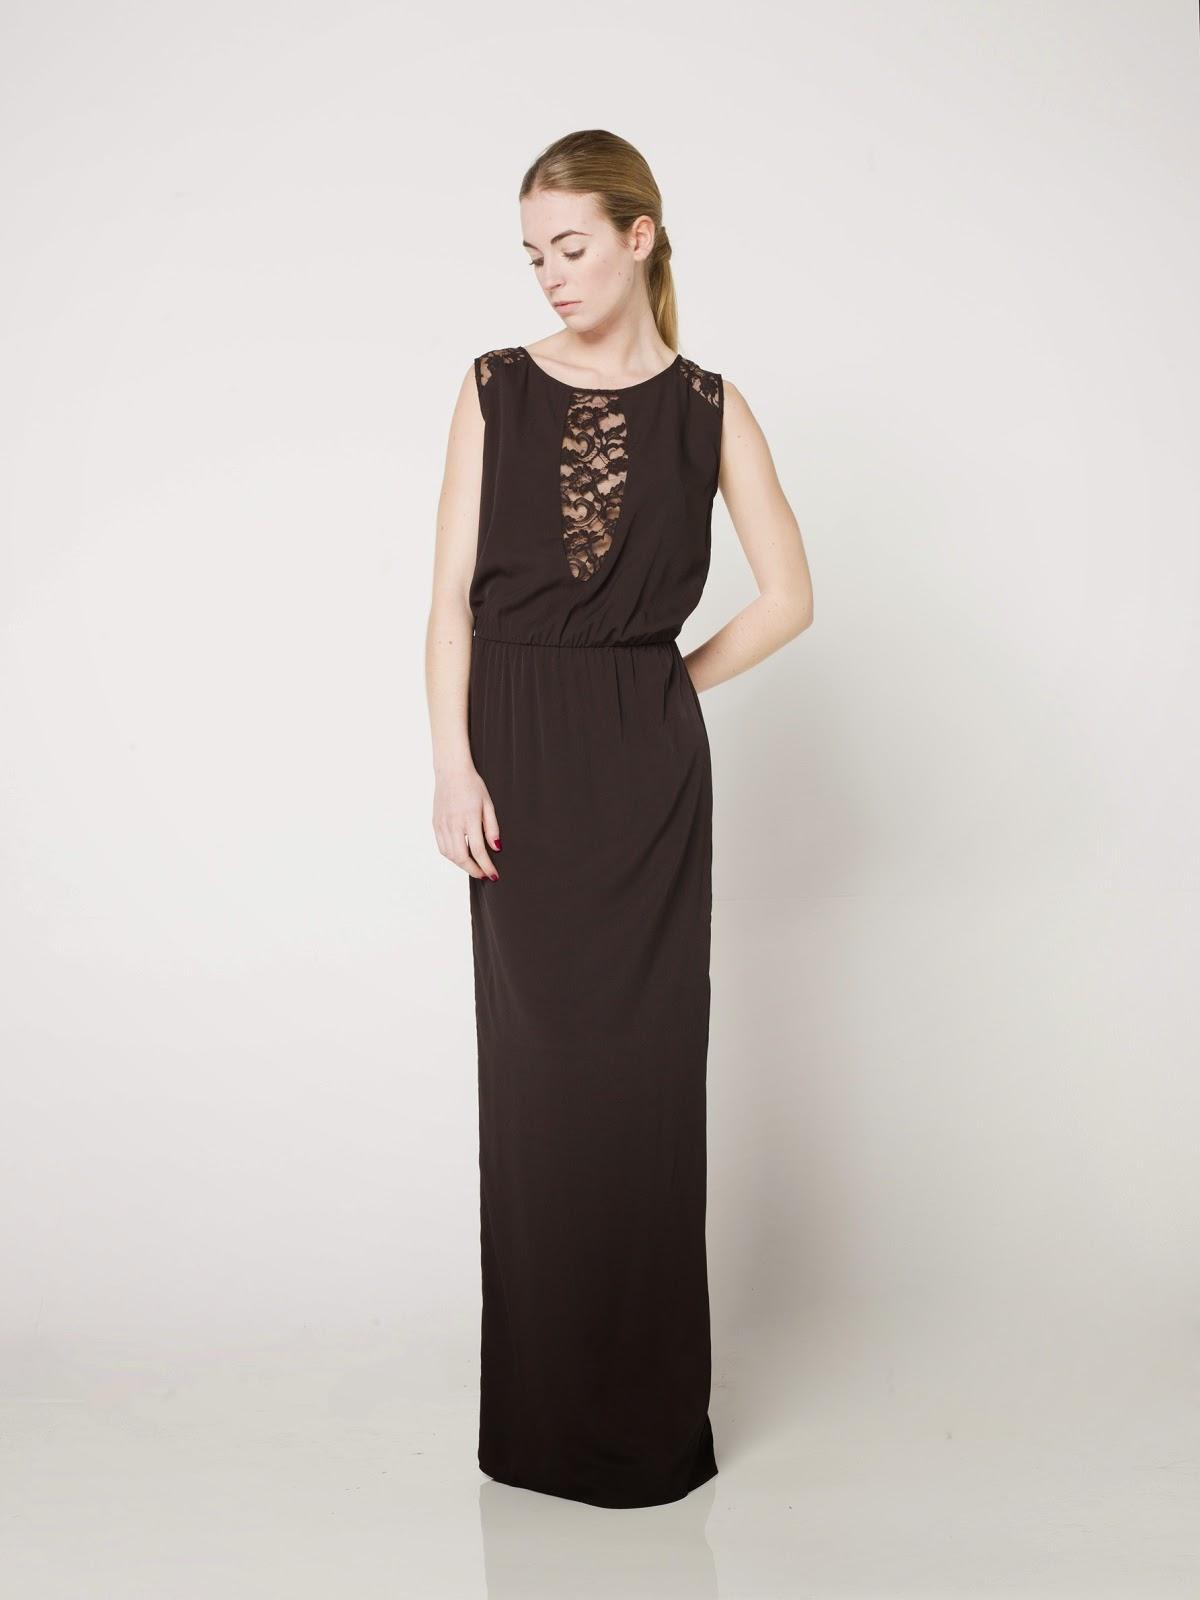 LYNBER - vestido largo